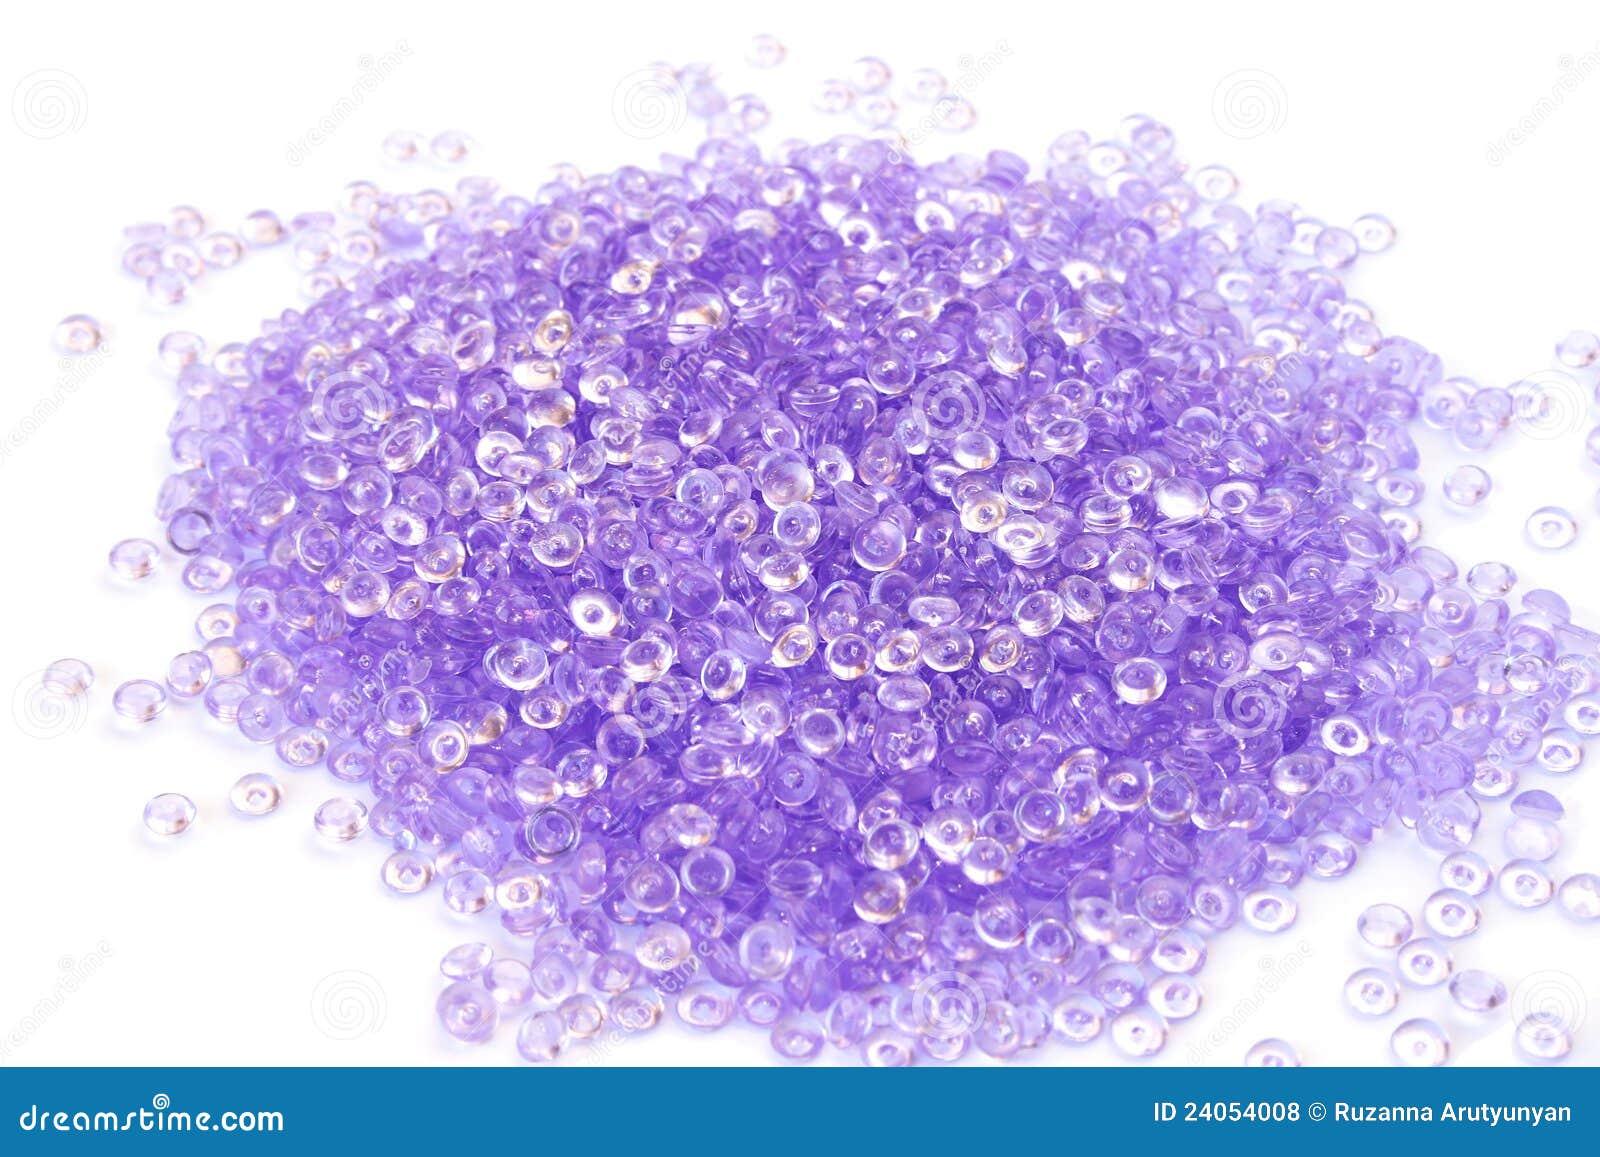 Piedras decorativas foto de archivo imagen de blanco for Bolsa de piedras decorativas